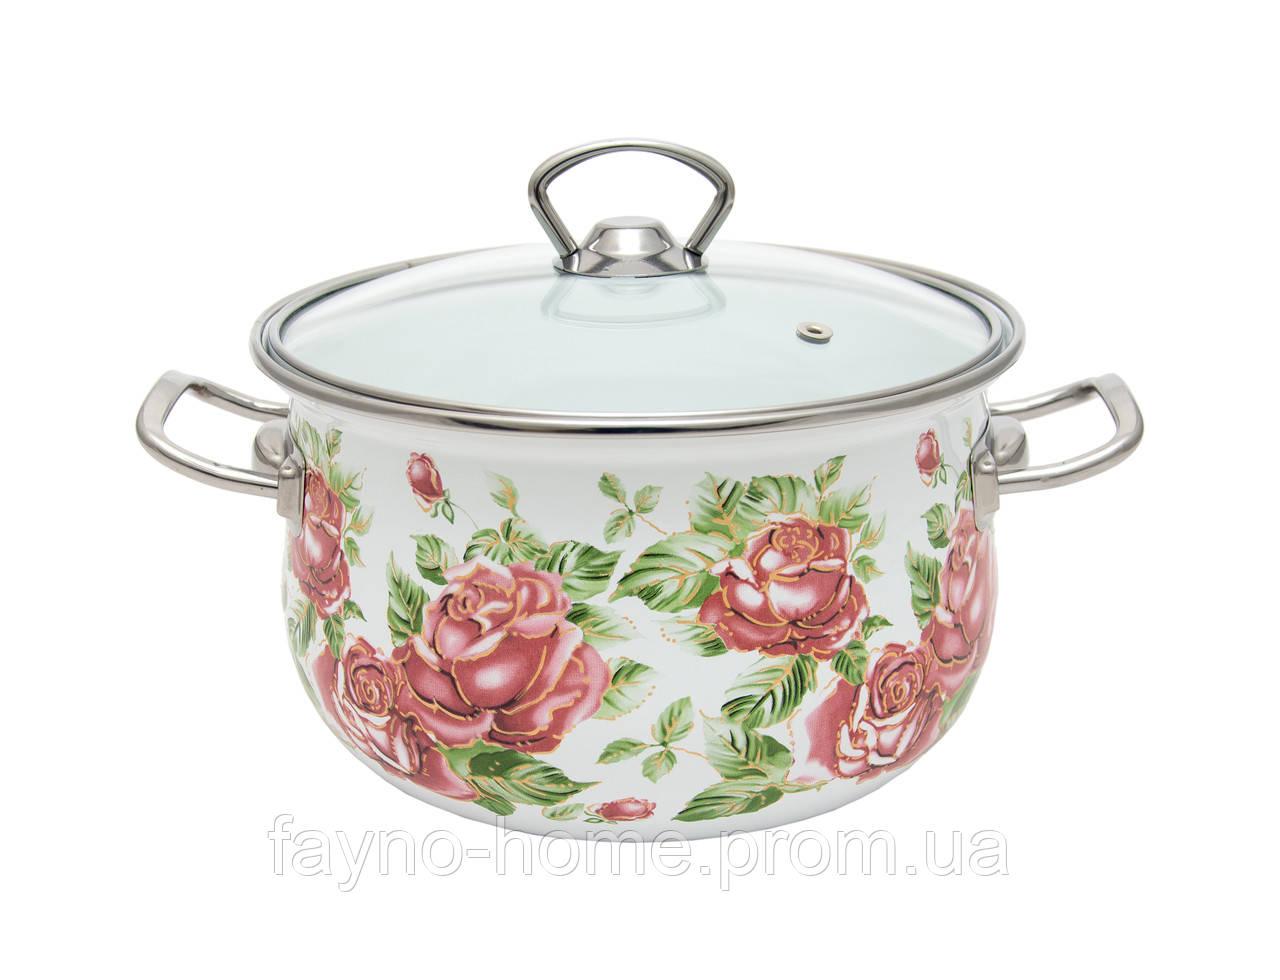 Купить Каструля INFINITY Троянда (3.7 л) 20 см (6510161)